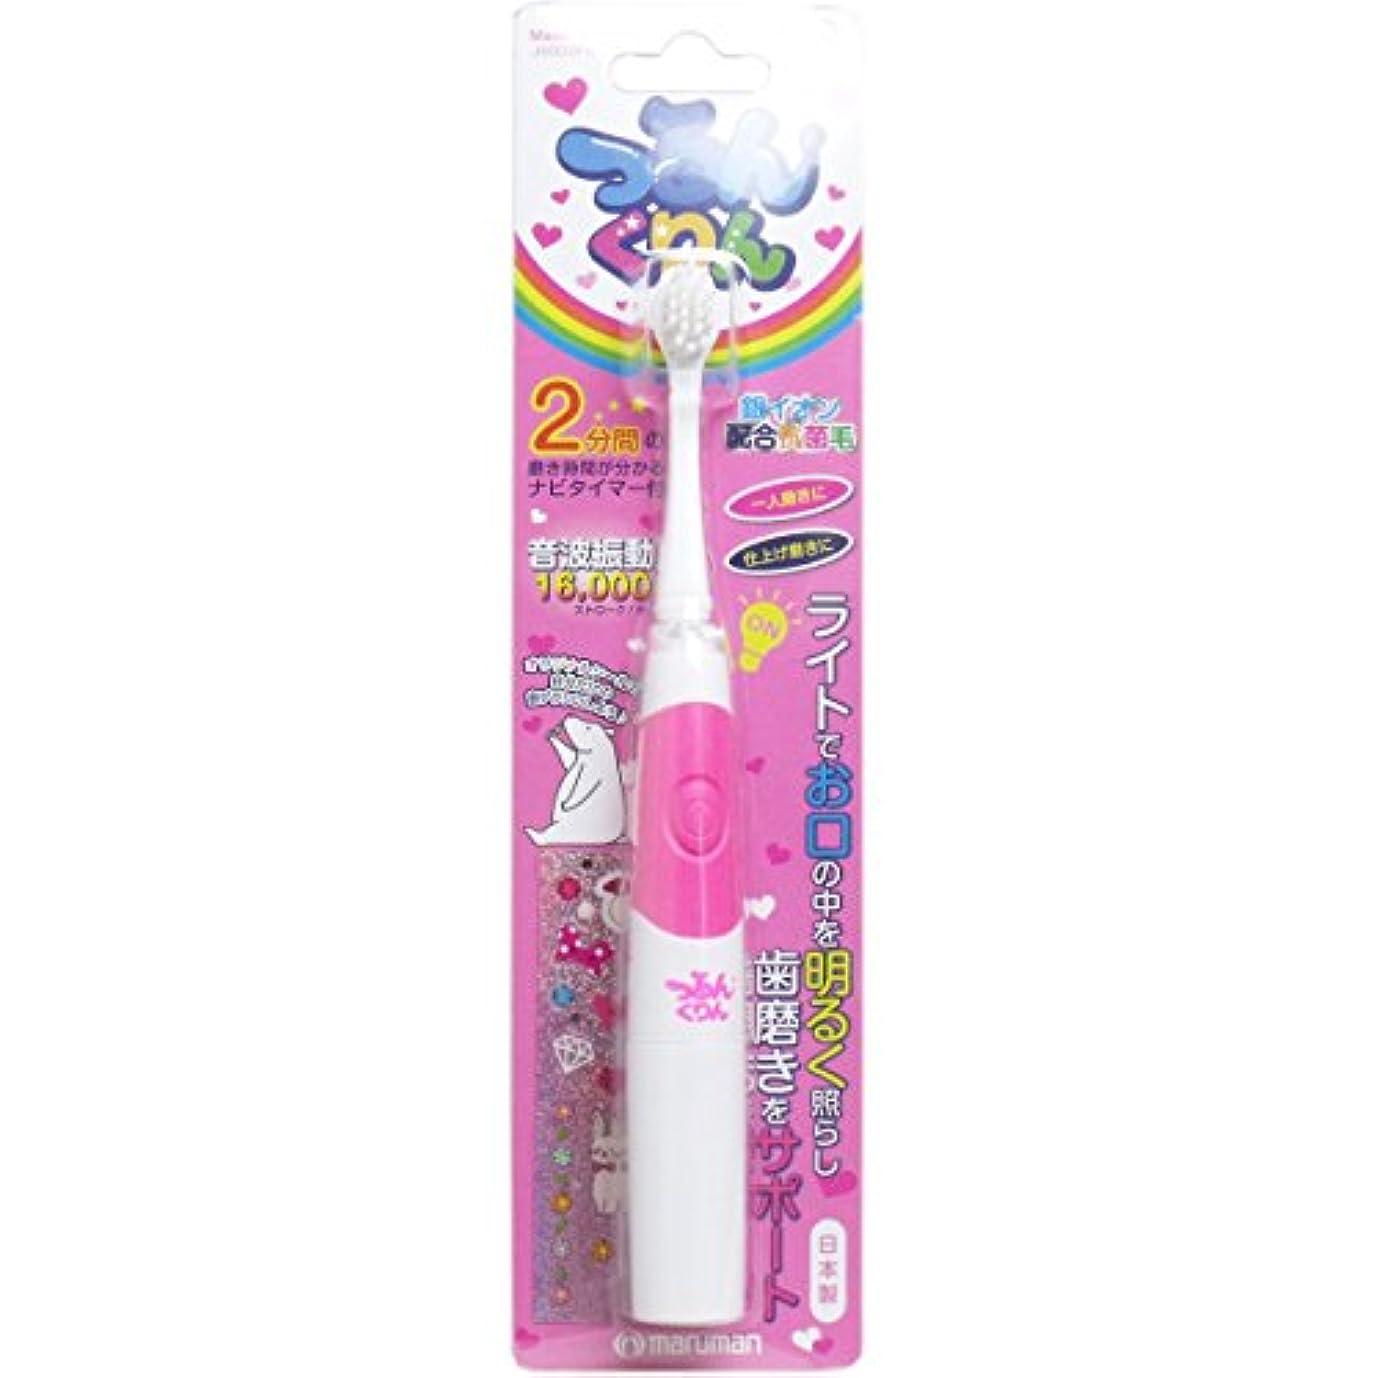 マエストロロケット可愛いつるんくりん 音波振動歯ブラシ 子供用 ピンク JS002PK